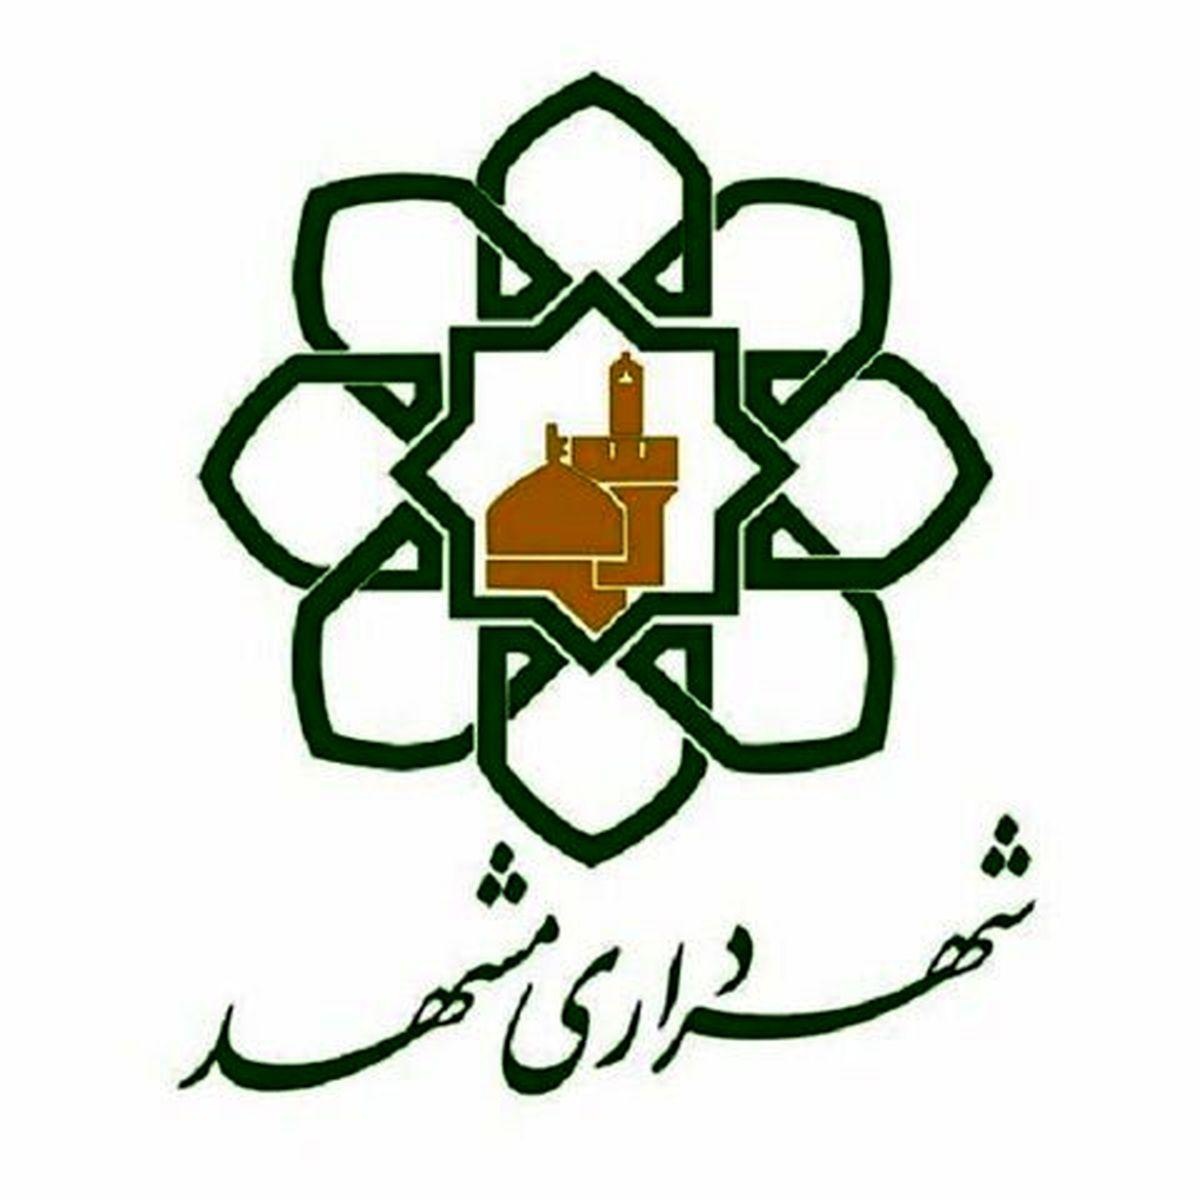 انتشار فهرست کامل تفاهم نامه های ورزشی شهرداری مشهد